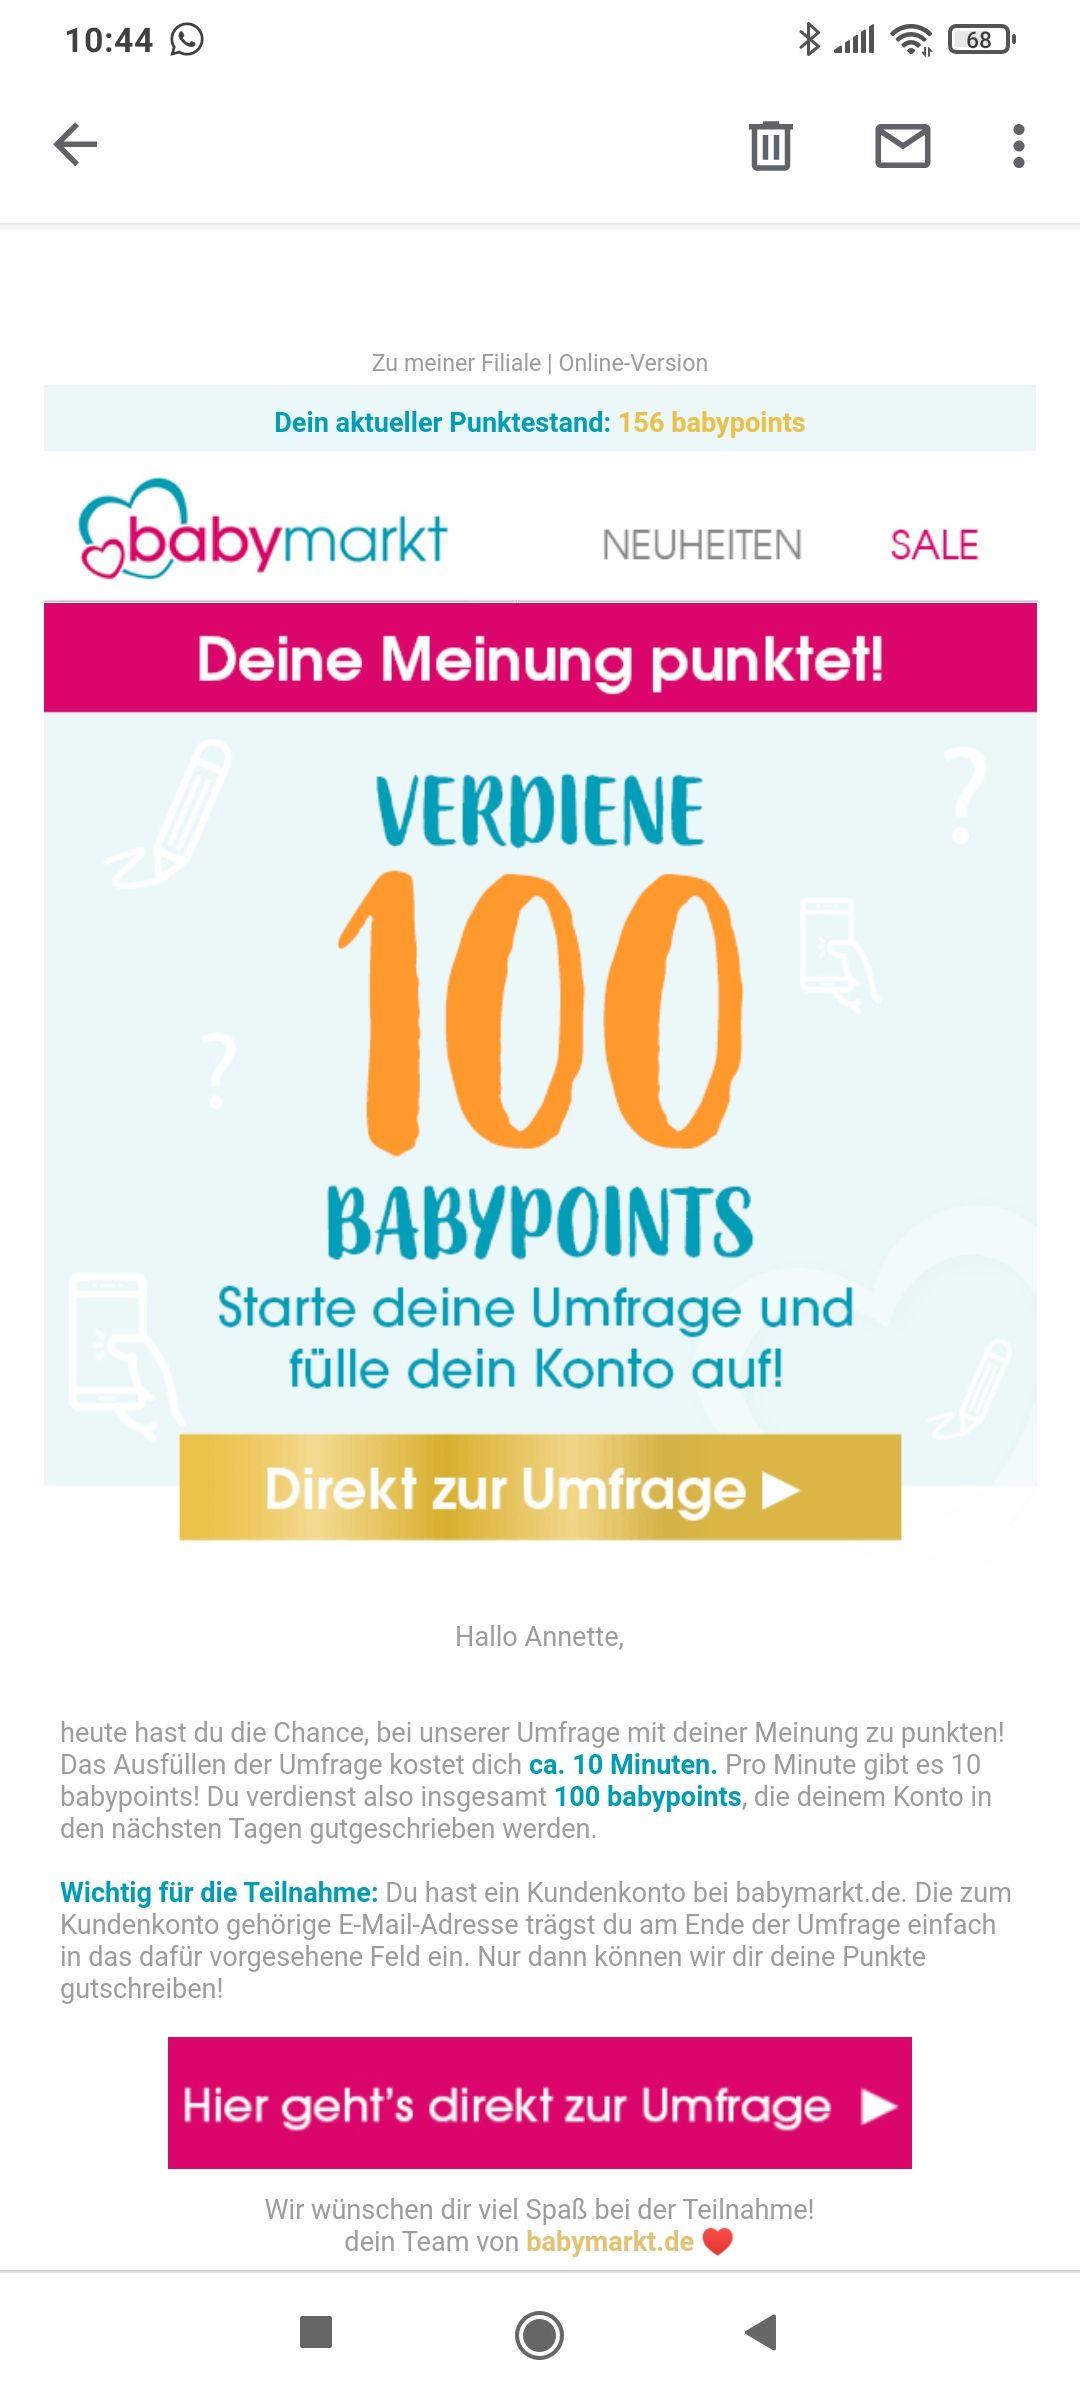 Babymarkt Umfrage 100 Babypoints